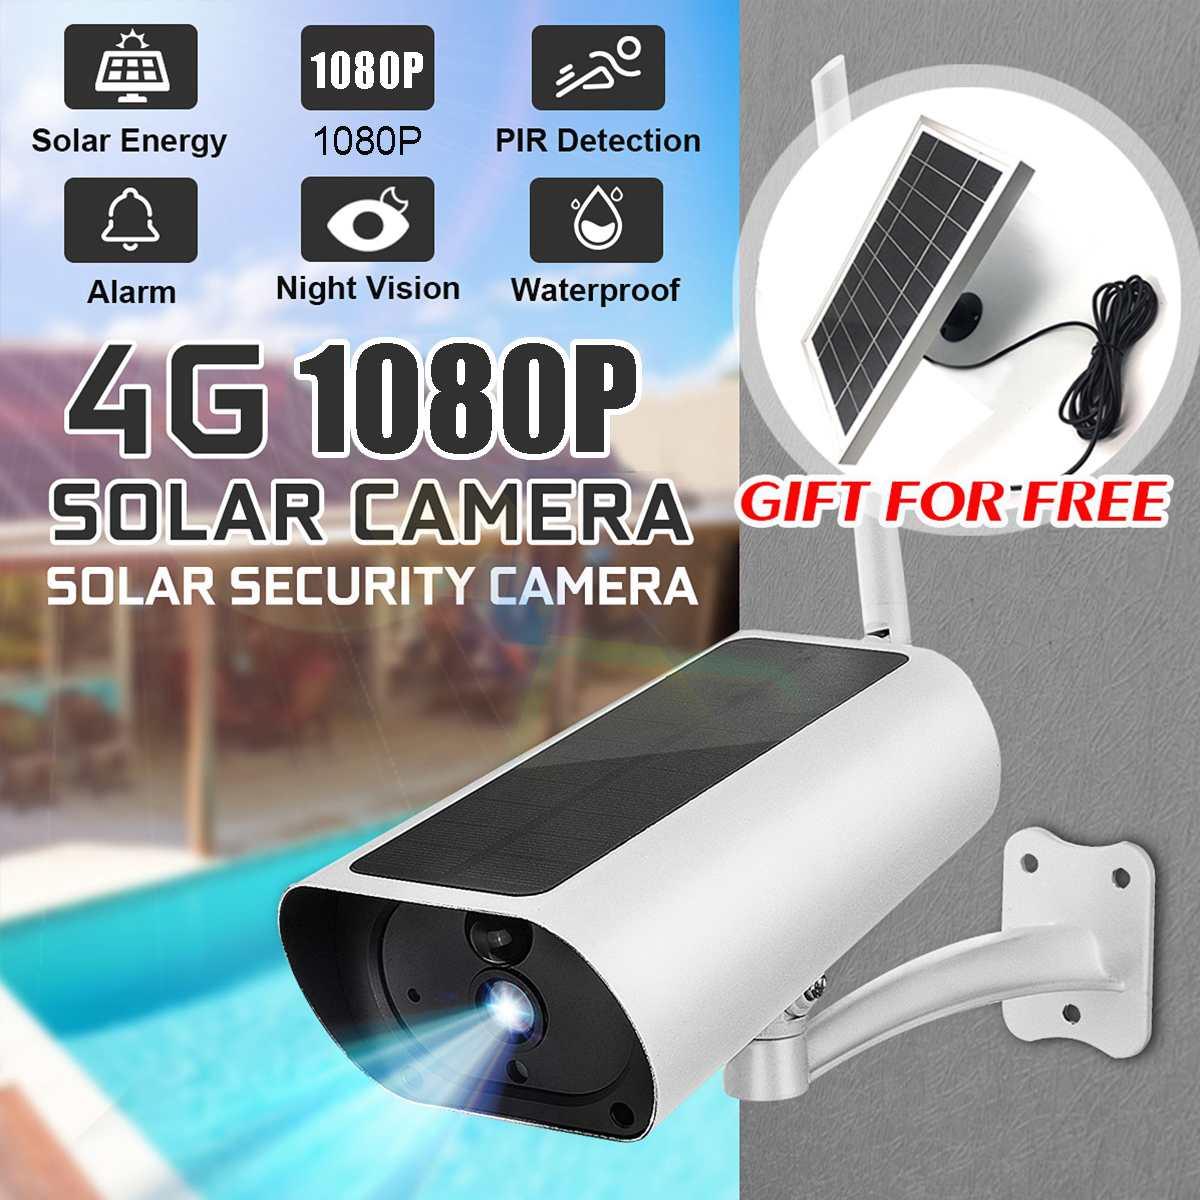 Wasserdichte HD 1080P Solar Kamera Infrarot Nachtsicht 4G Intelligente echtzeit Überwachung Stimme Intercom Alarm Gerät